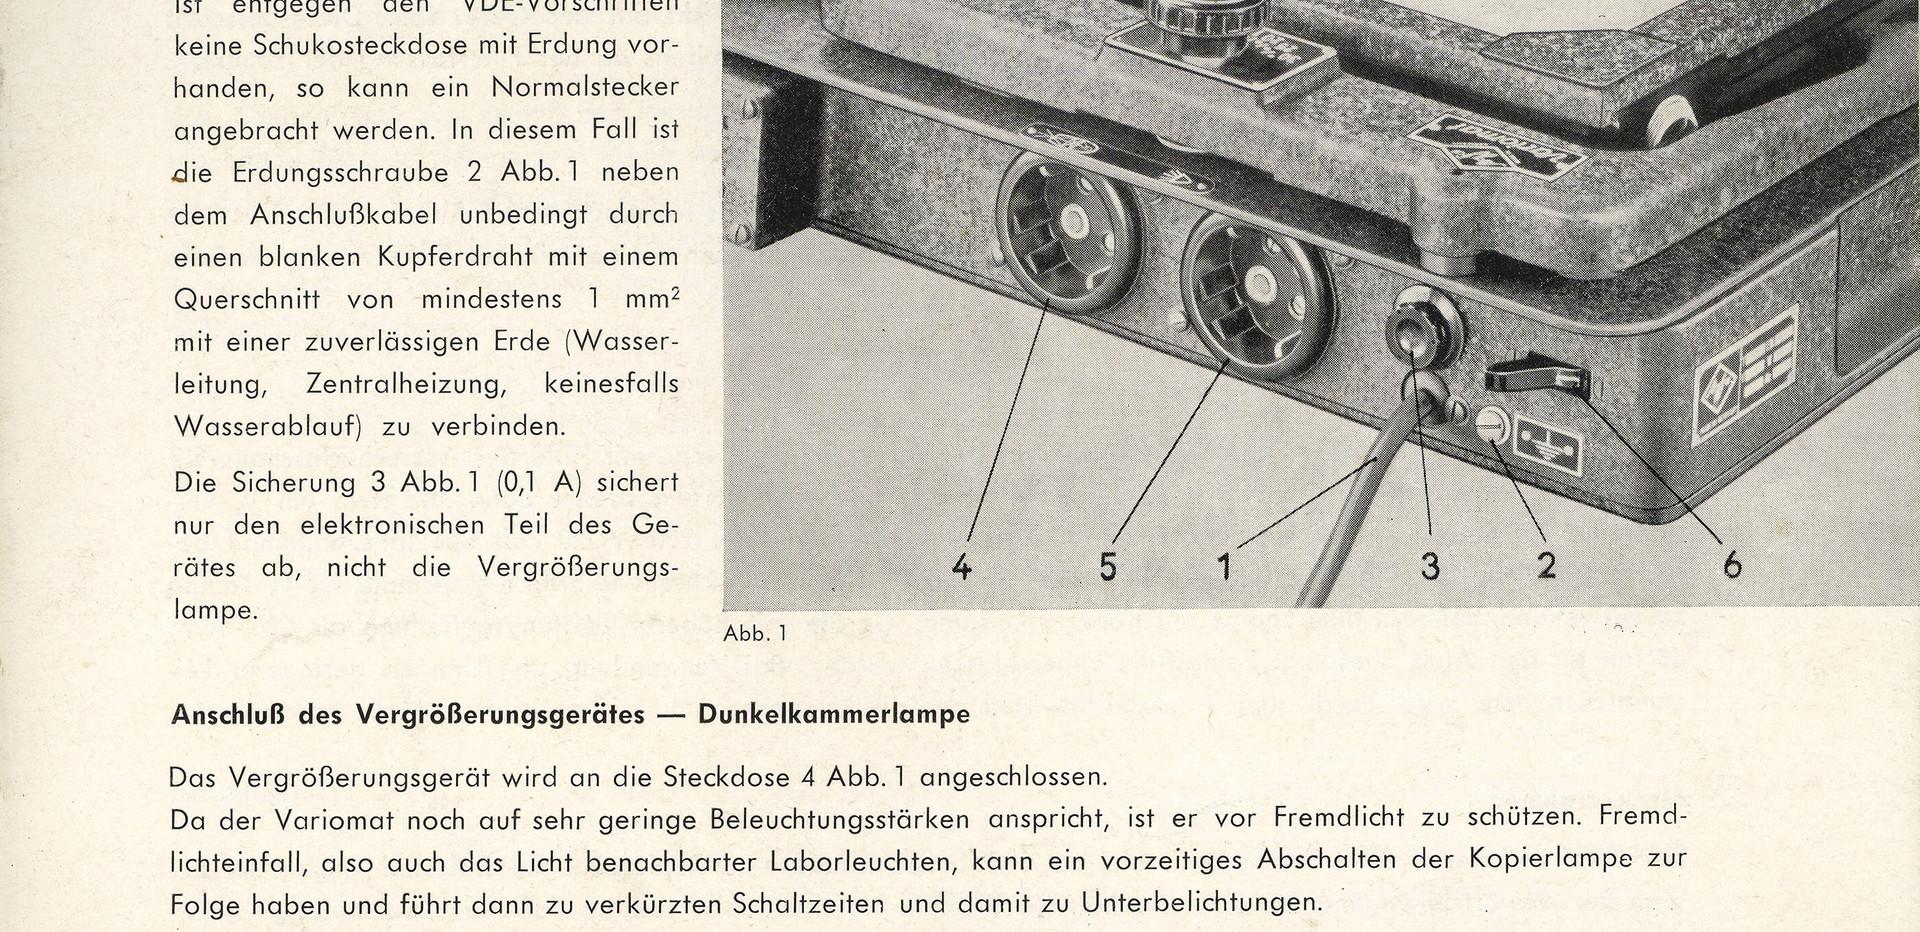 Agfa Beschreibung Variomat Seite 5